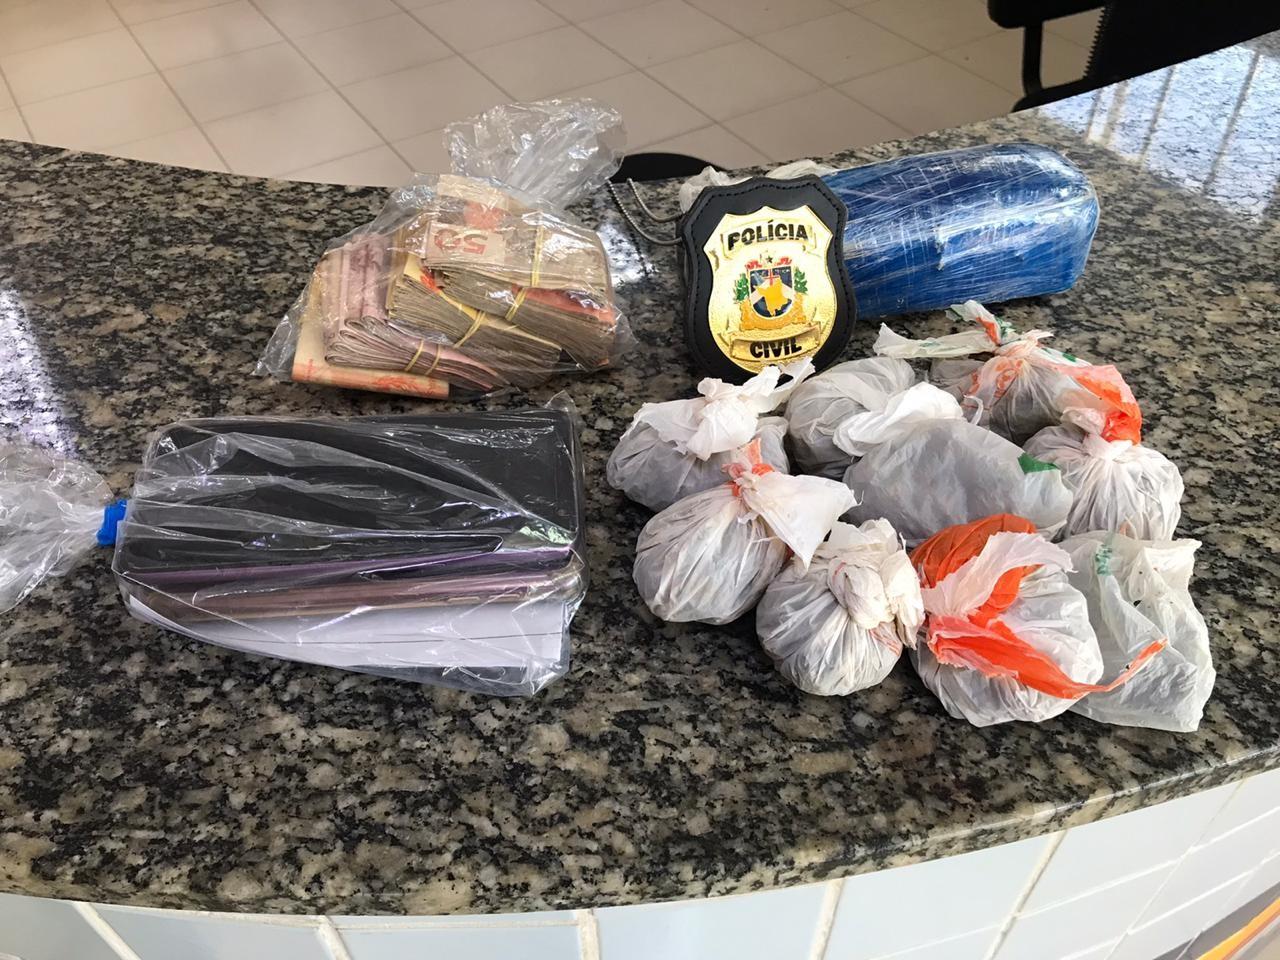 Suspeito de tráfico é preso com meio quilo de skunk e R$ 3 mil em Boa Vista - Notícias - Plantão Diário